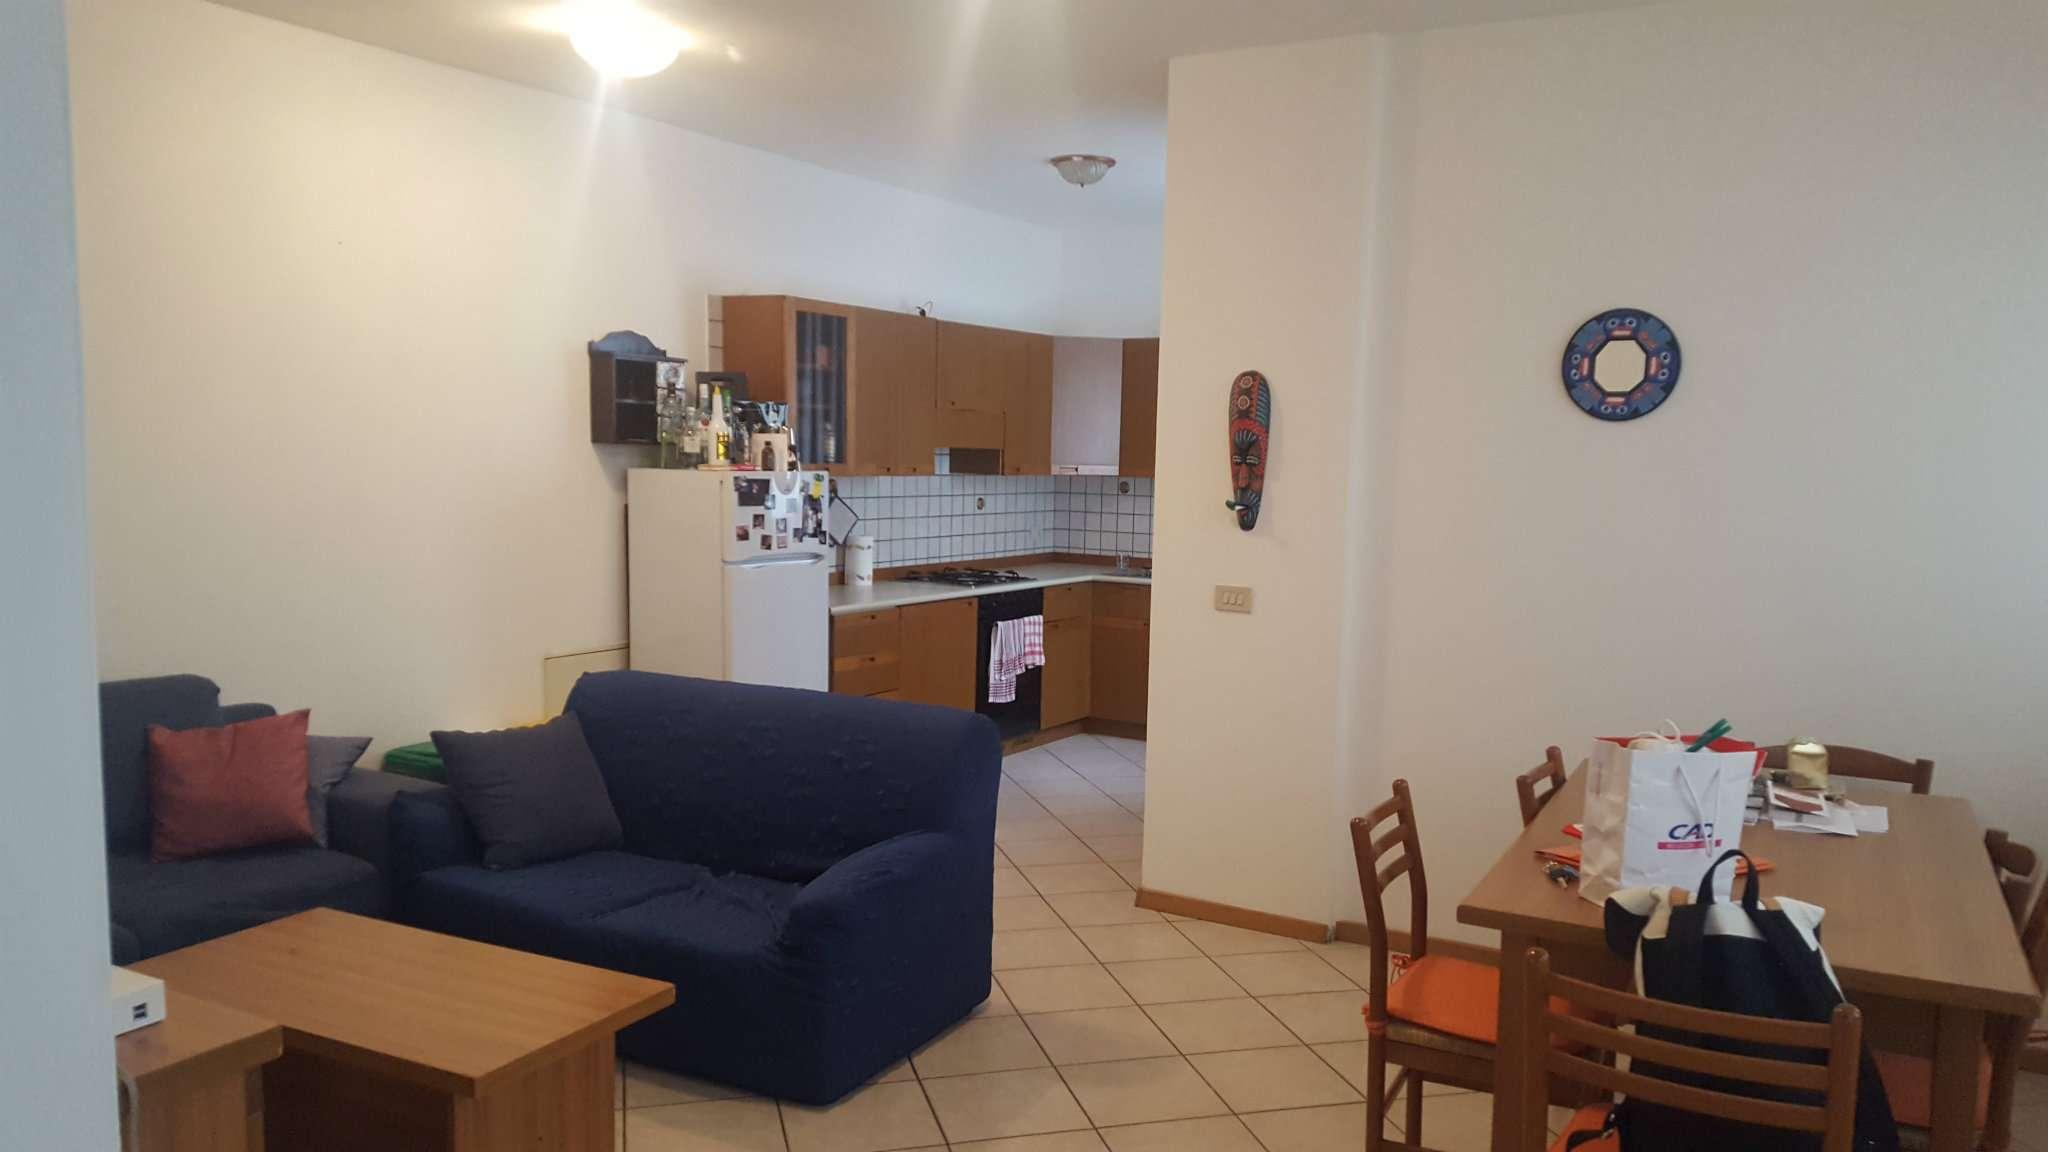 Appartamento in affitto a Cles, 2 locali, prezzo € 380 | CambioCasa.it